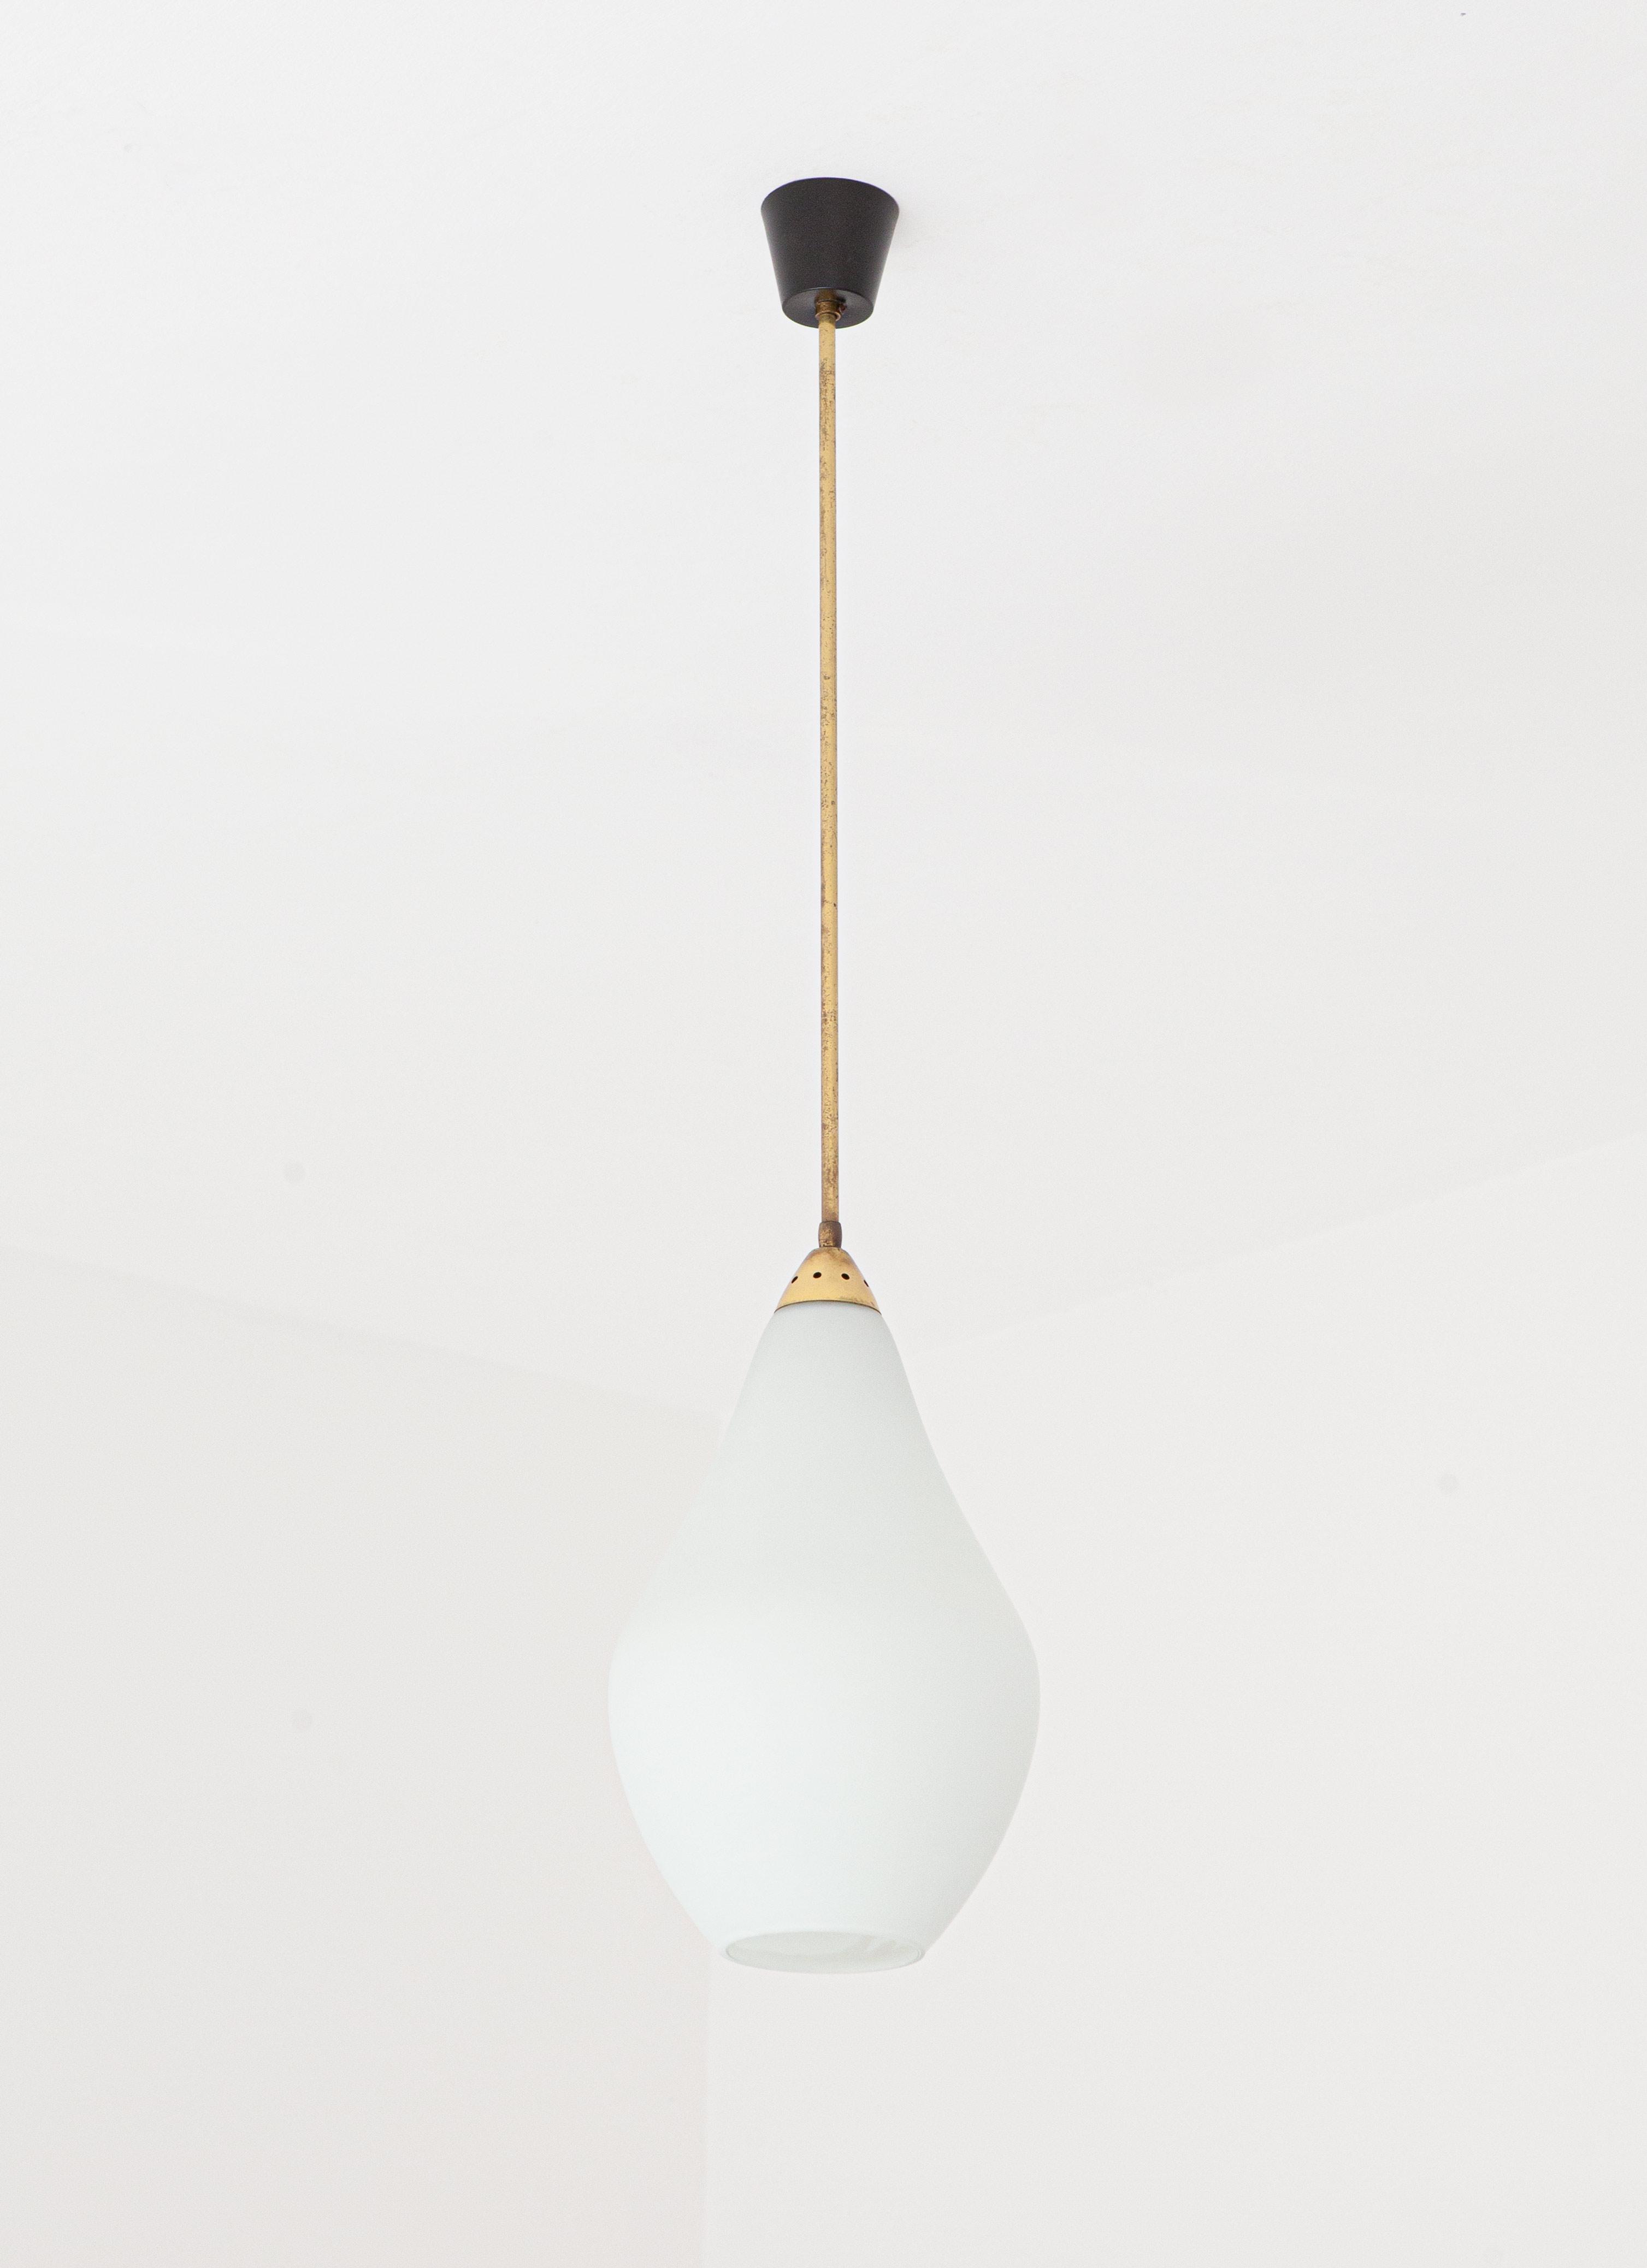 1950s-italian-opaline-glass-brass-pendant-lamp-2-l81